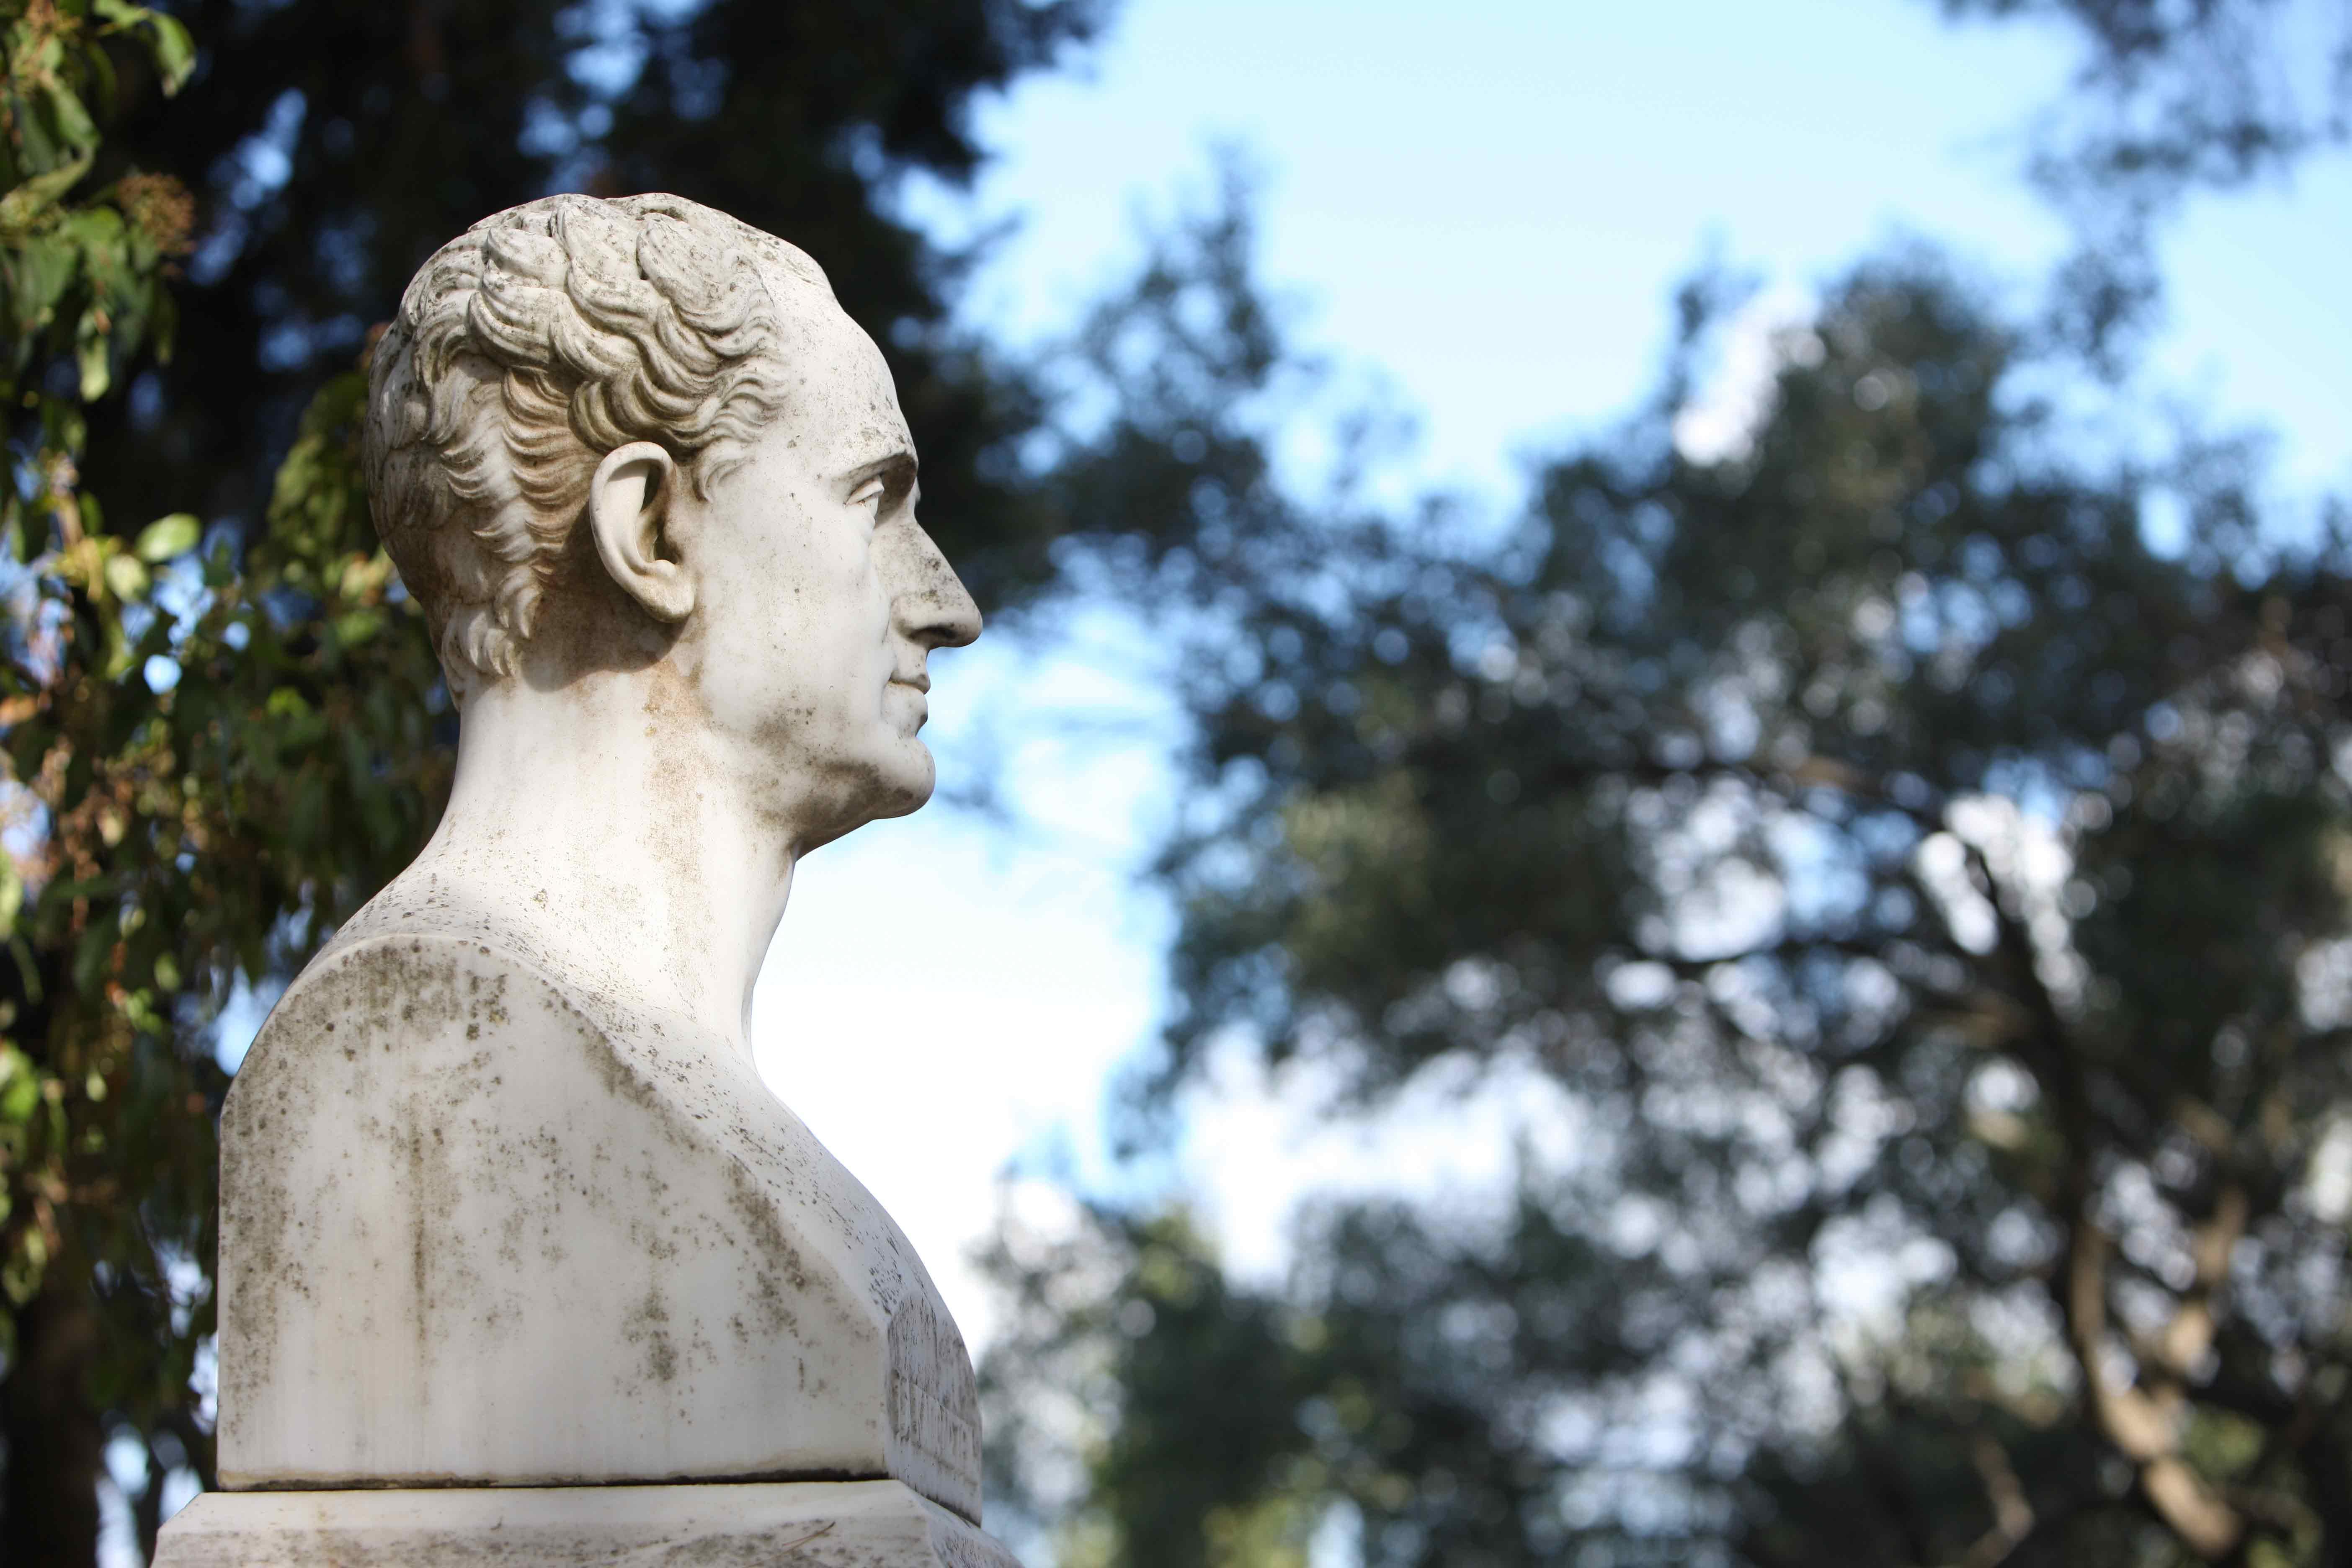 Προτομή του Ι. Καποδίστρια στο ξέφωτο του Μουσείου - © Σταμάτης Καταπόδης